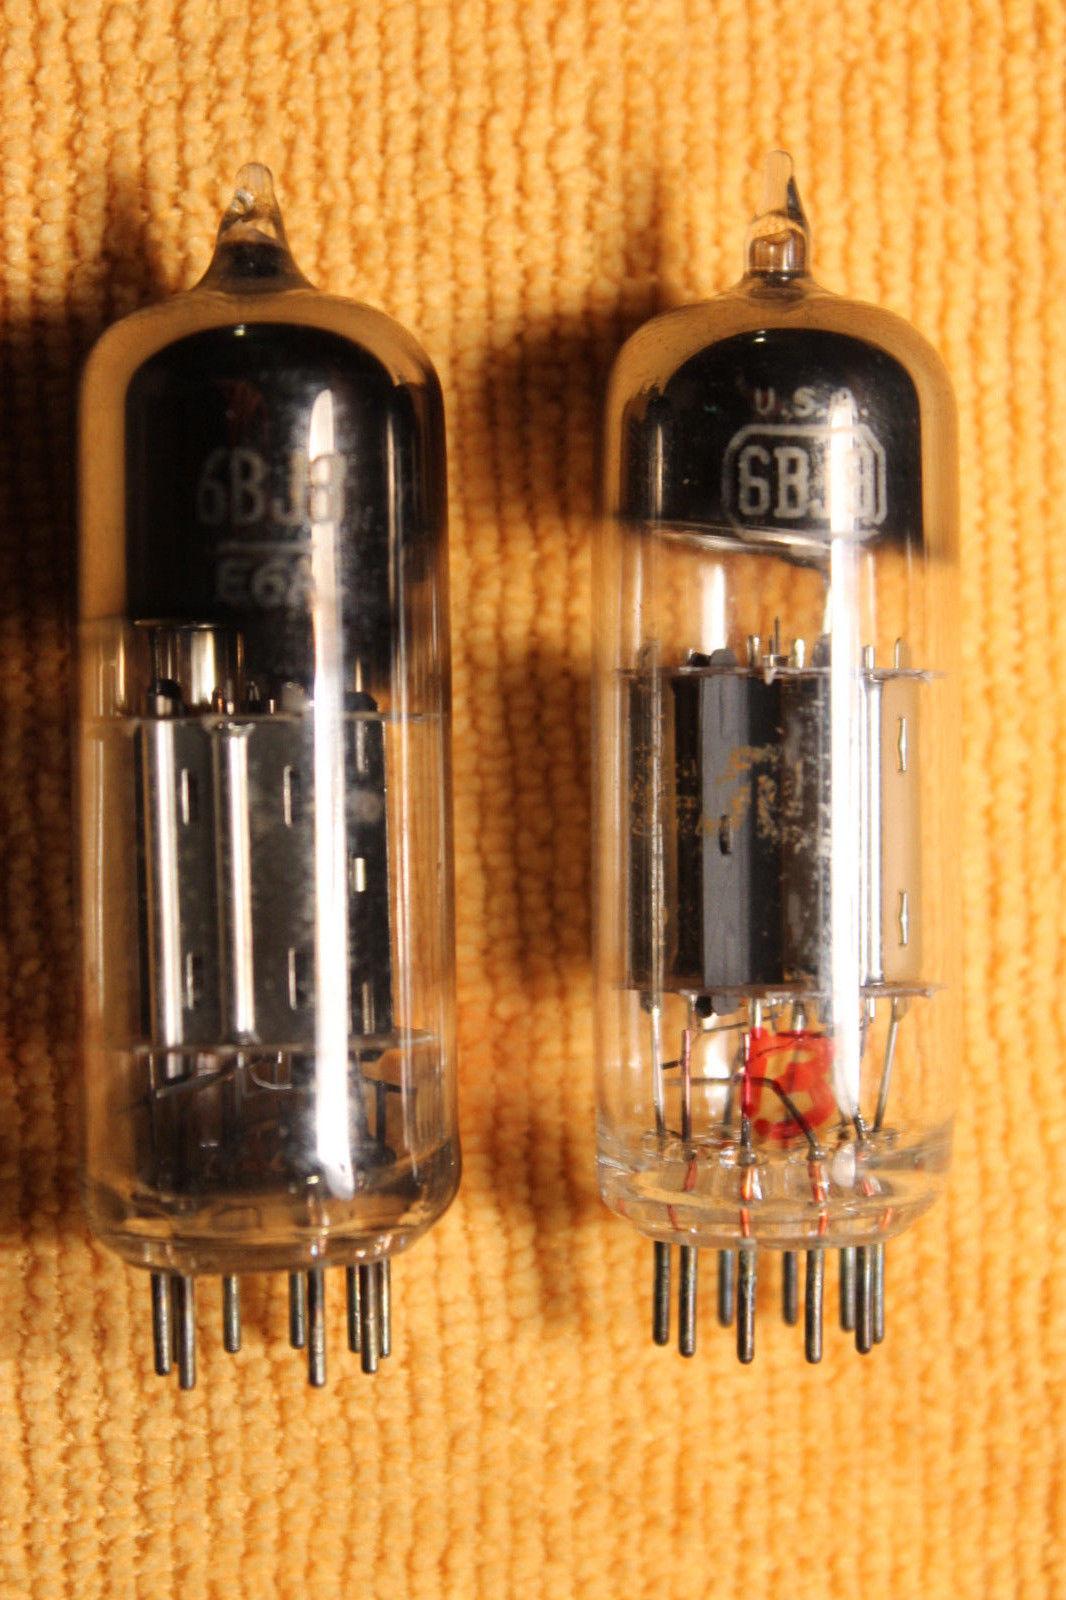 Vintage Radio Vacuum Tube (one): 6BJ8 - Tested Good